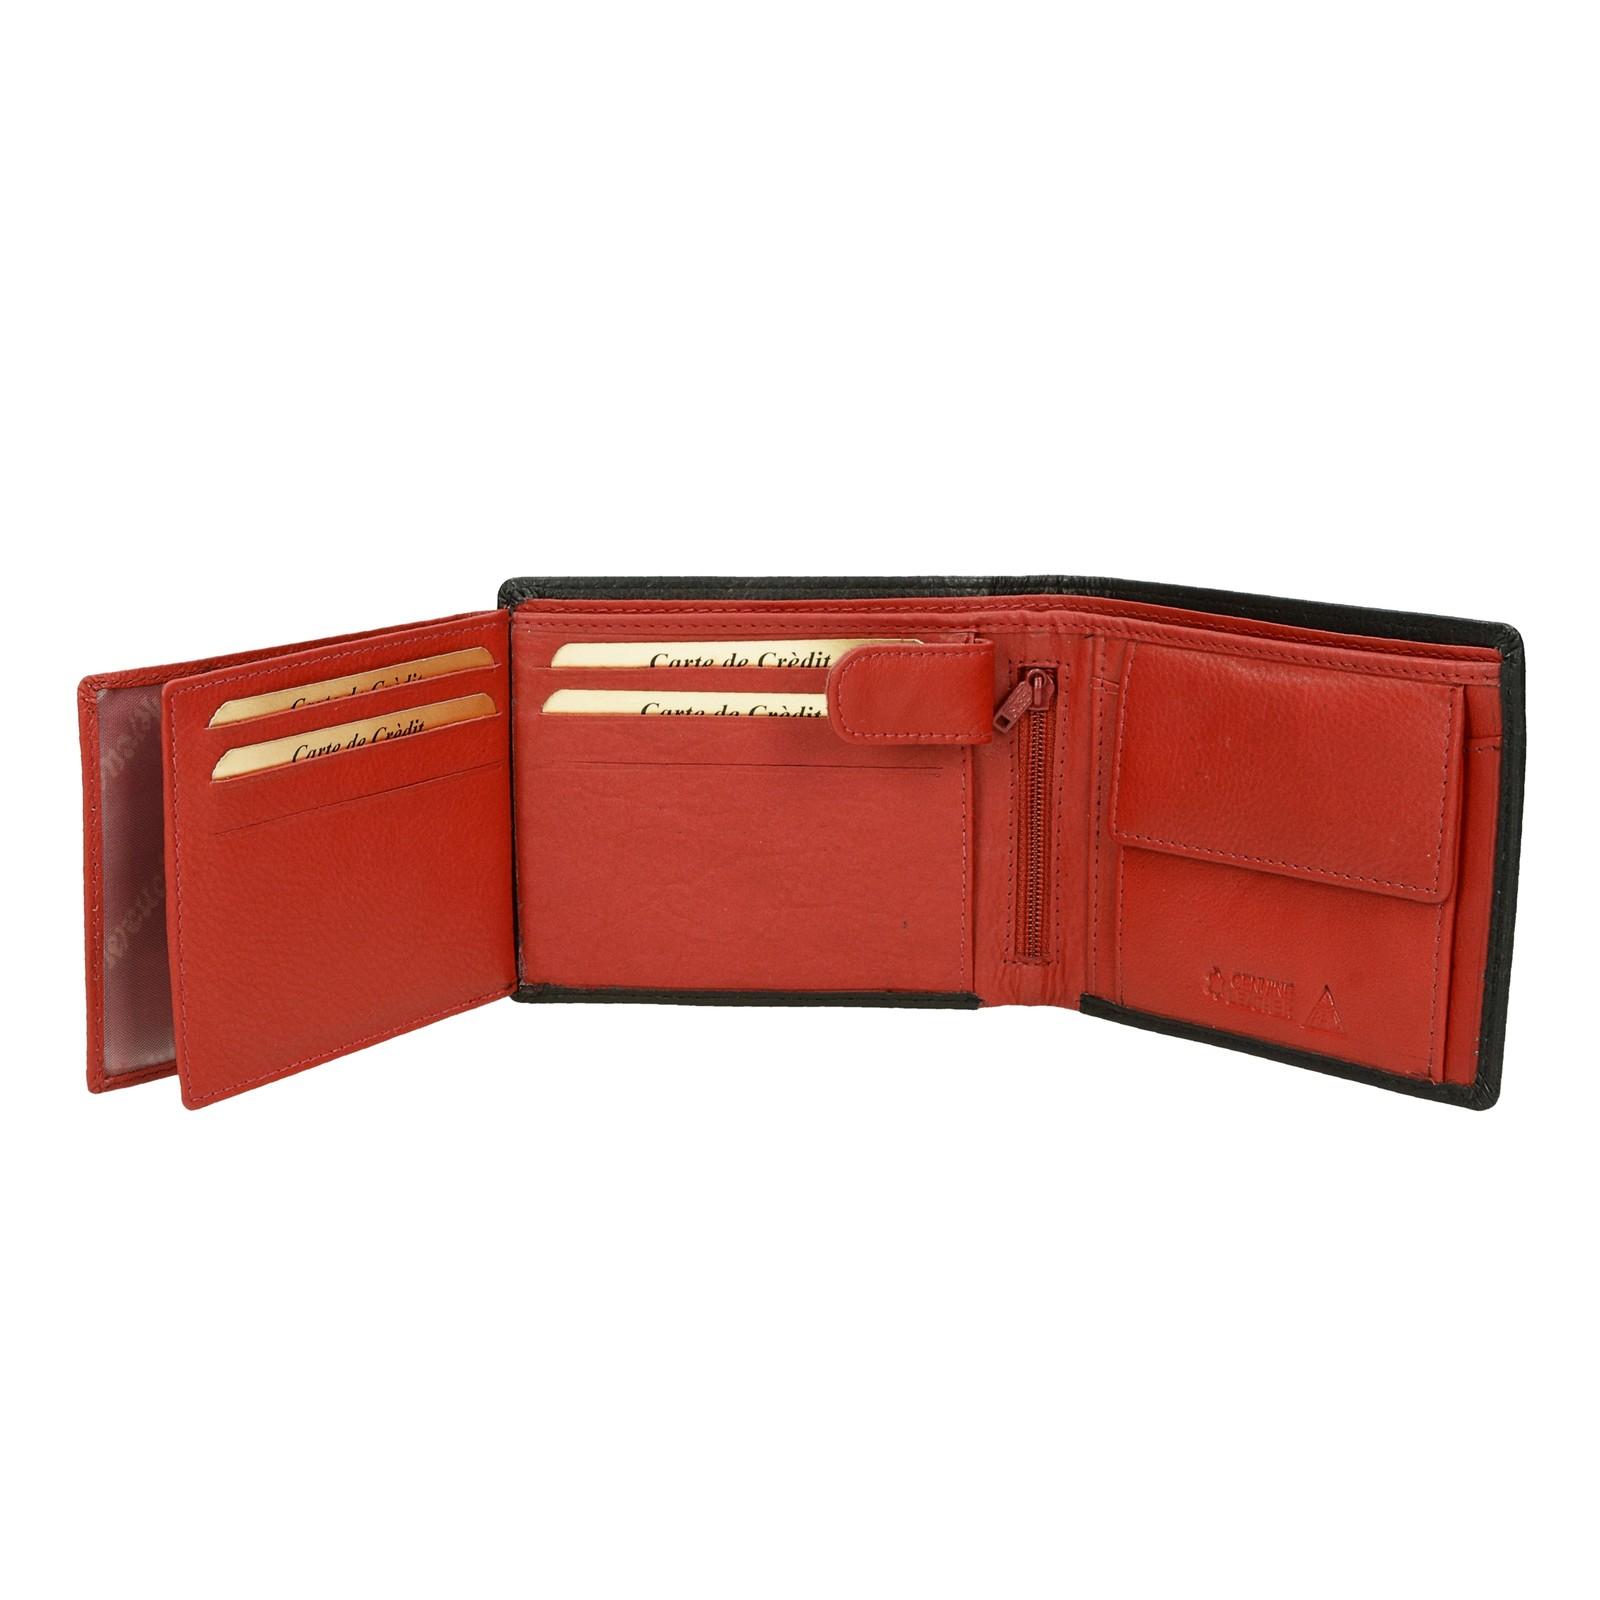 20c0de1336 ... Mercucio pánska kožená peňaženka - čiernočervená ...